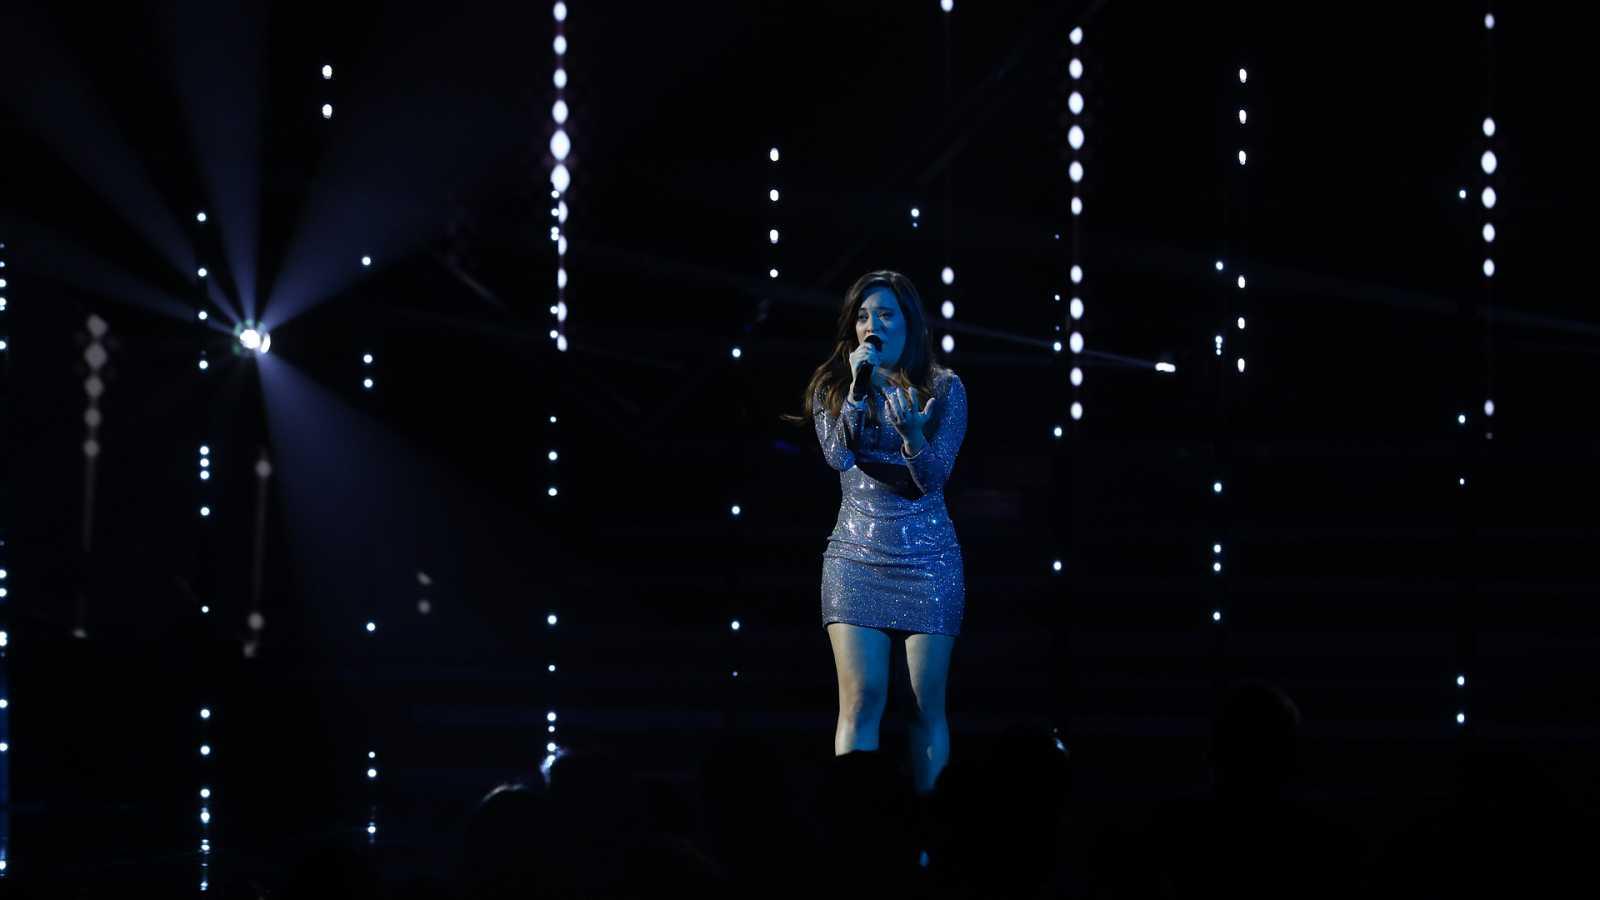 """Eurovisión 2019 - Noelia canta """"Hoy vuelvo a reír otra vez"""" en la Gala OT Eurovisión"""